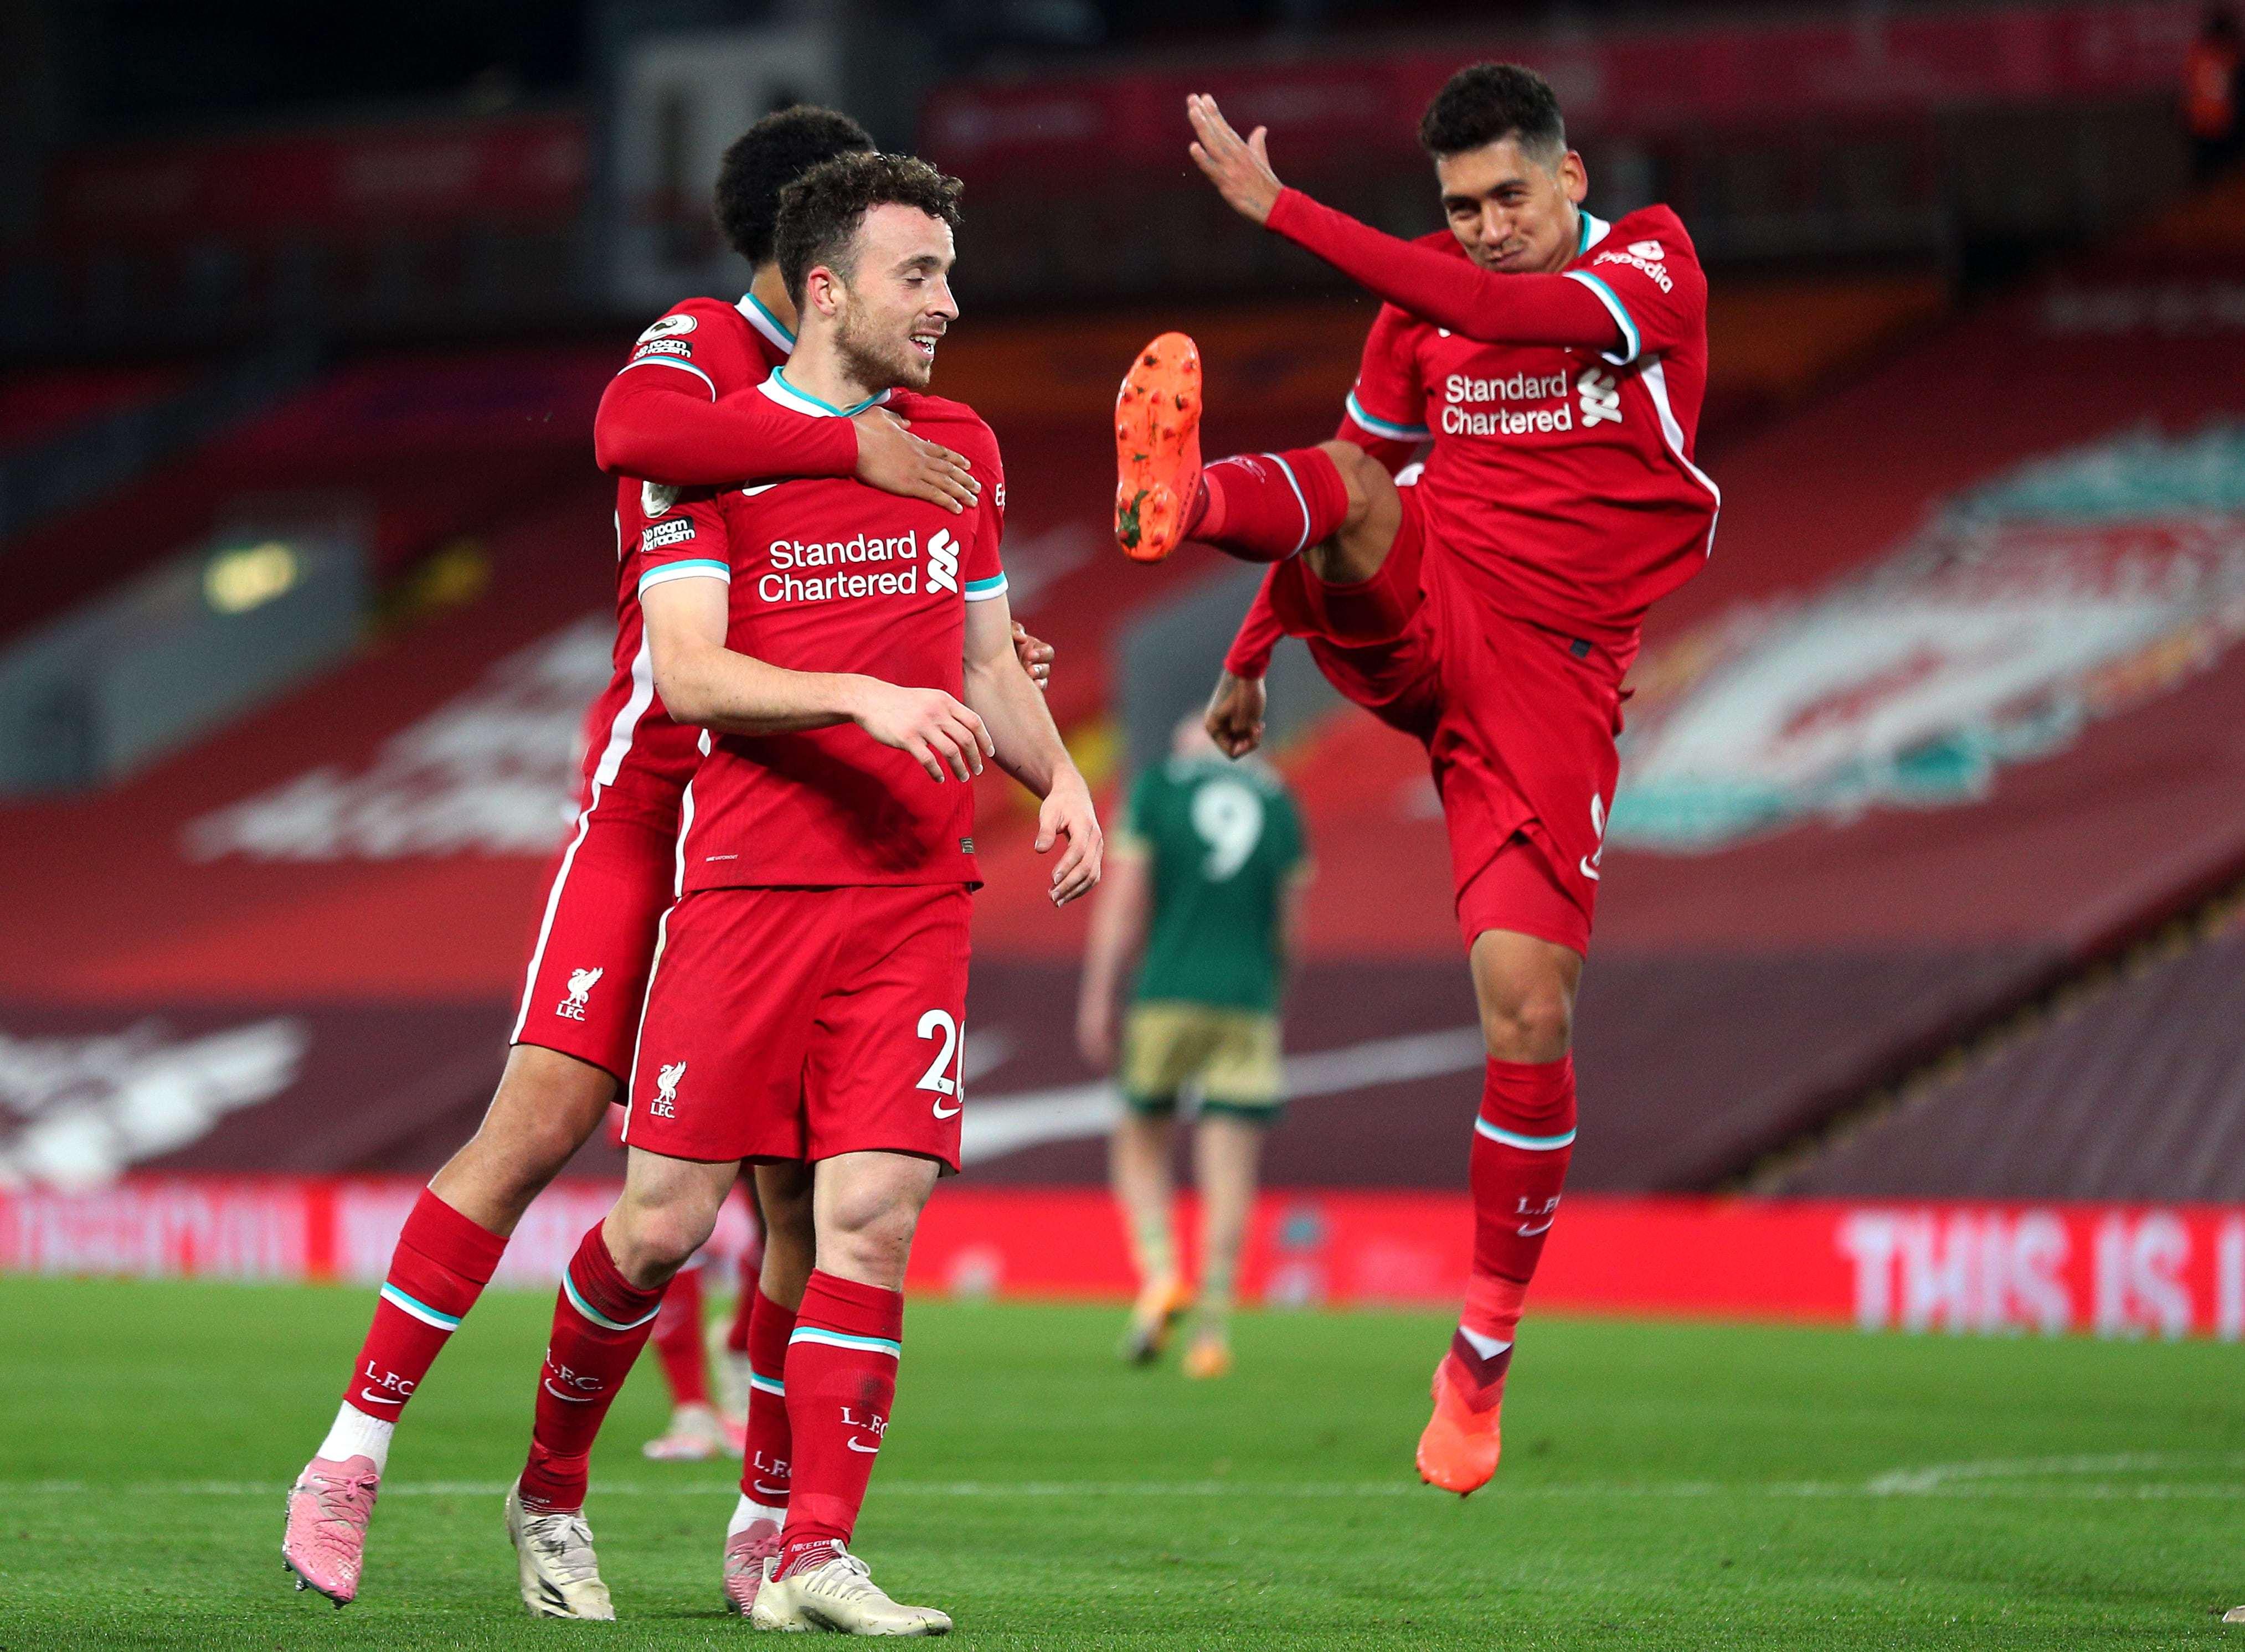 英超-法比尼奥送点菲米若塔救主 利物浦2-1逆转